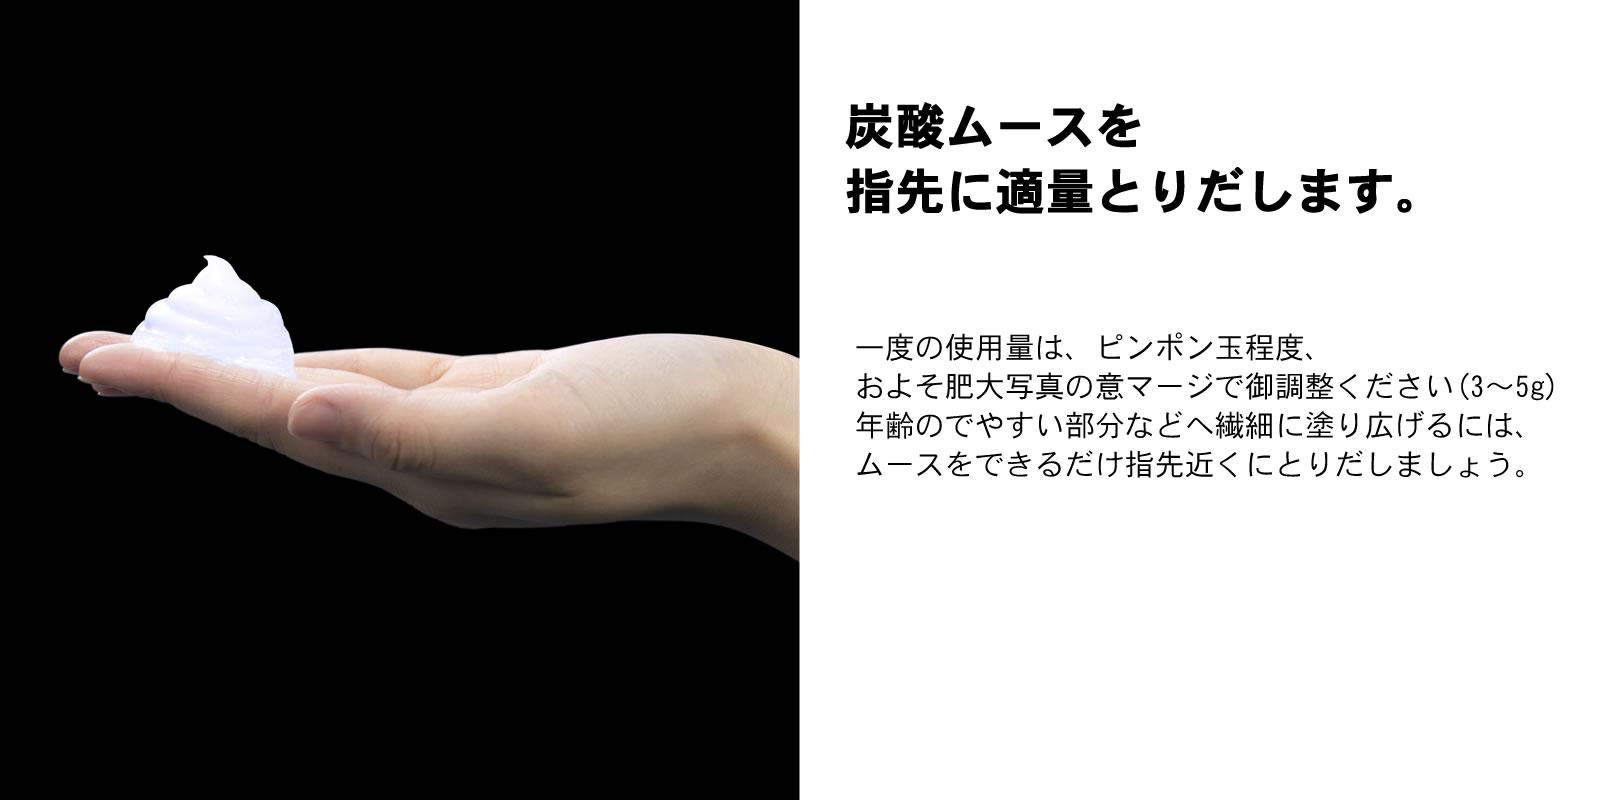 炭酸ムースを指先に適量とりだします。一度の目安はピンポン玉